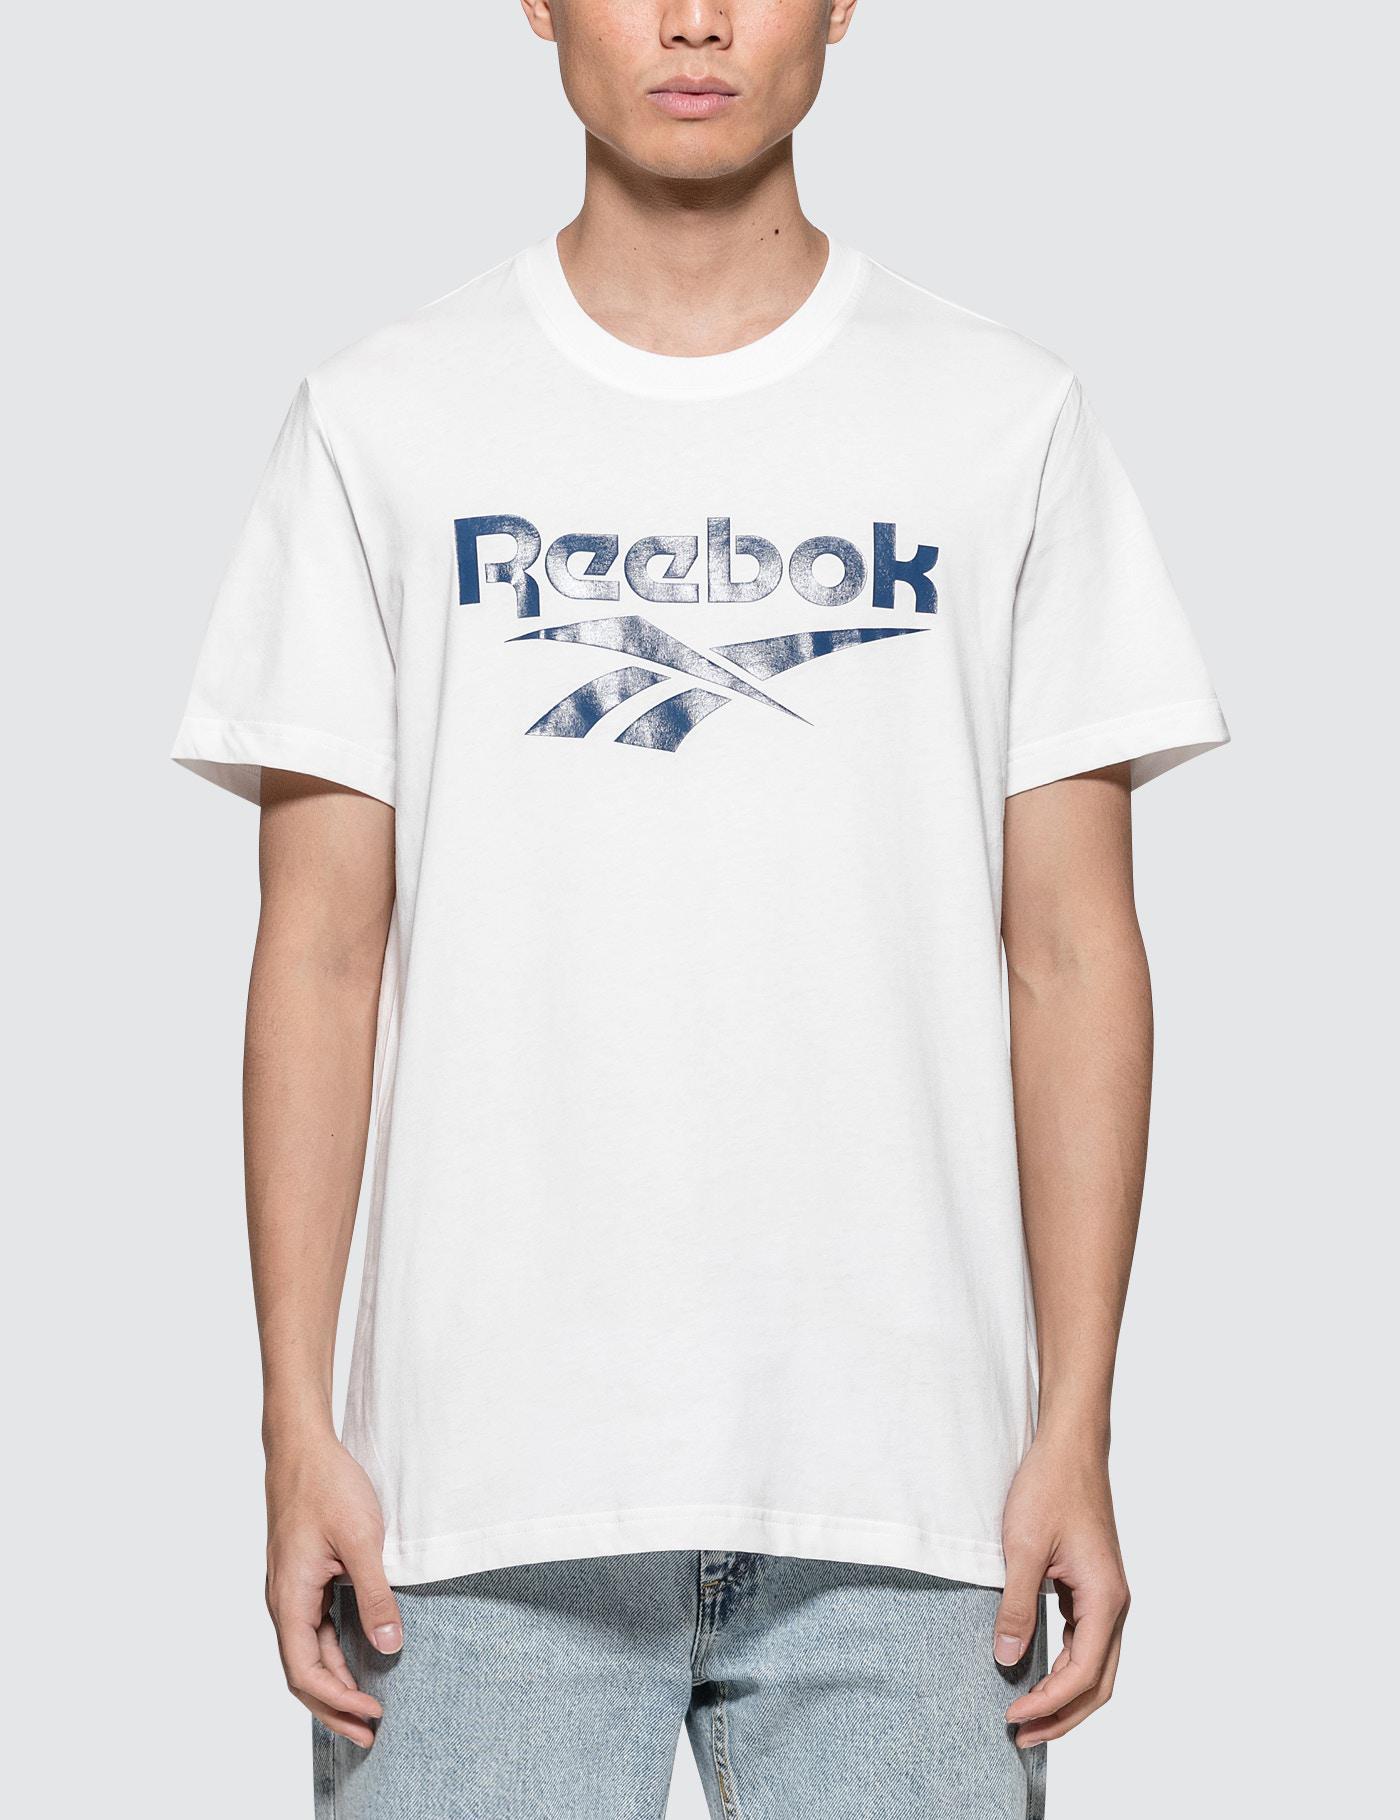 Reebok. Men's White Vector S/s T-shirt